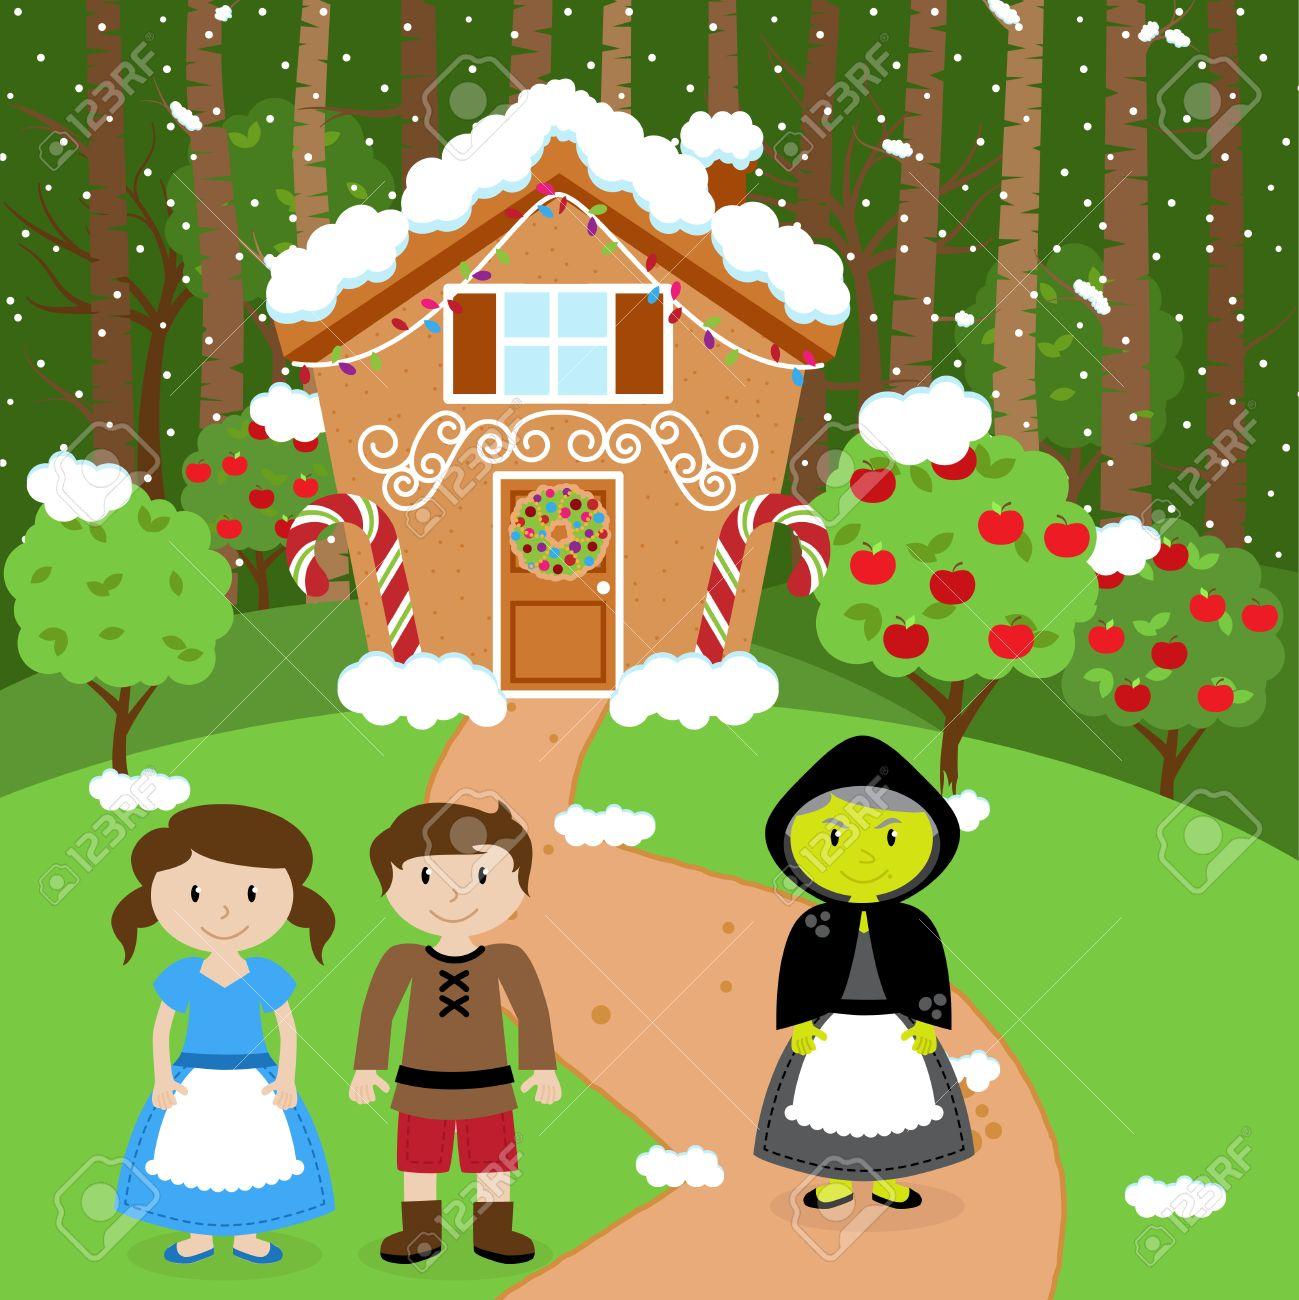 Fairytale Vector Hintergrund Mit Hänsel Und Gretel, Die Hexe Und Ihr ...